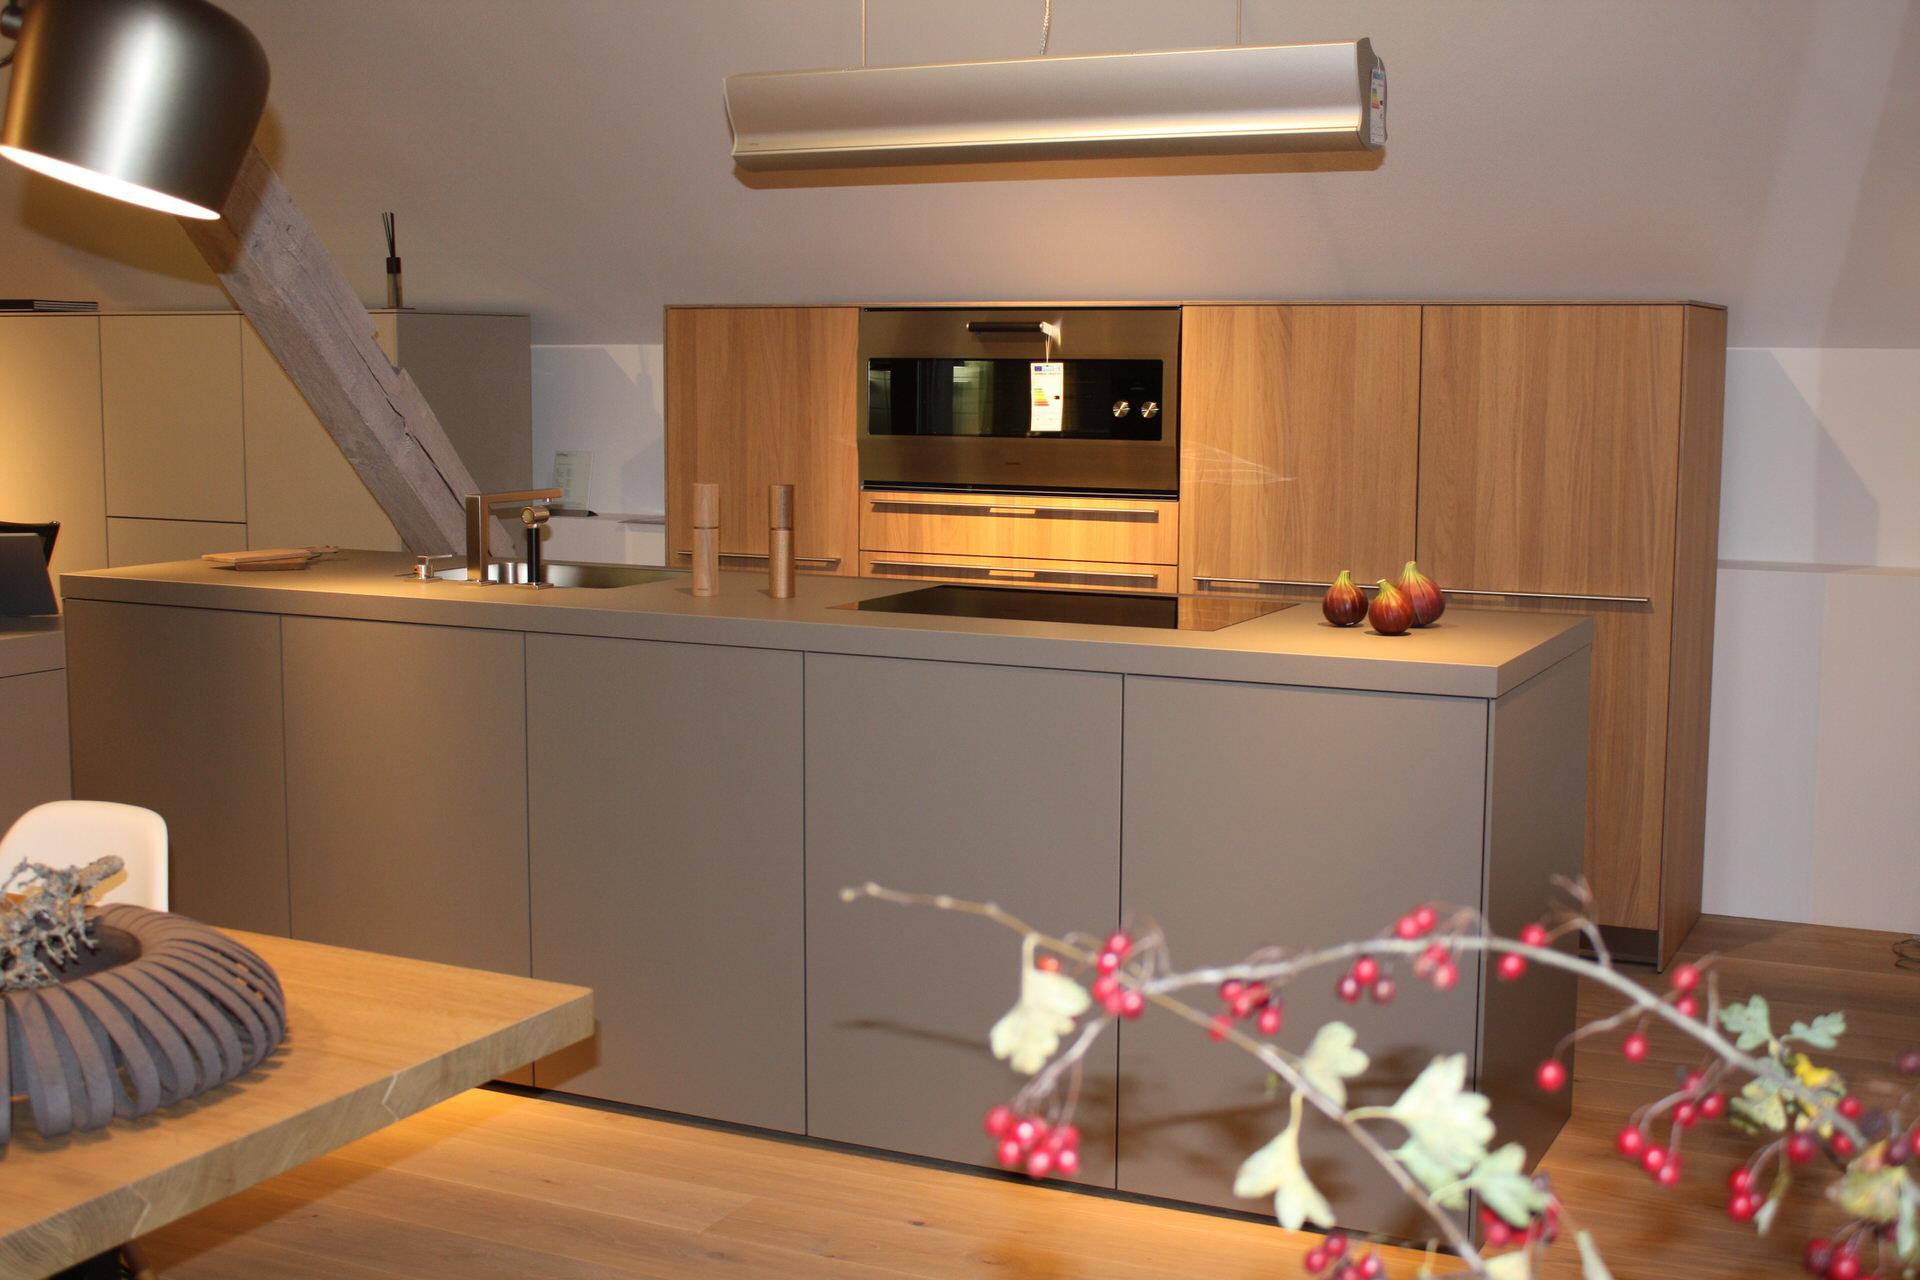 Küchen Ausstellungsstücke - Veigl Küchen Bayreuth - Das Küchenstudio